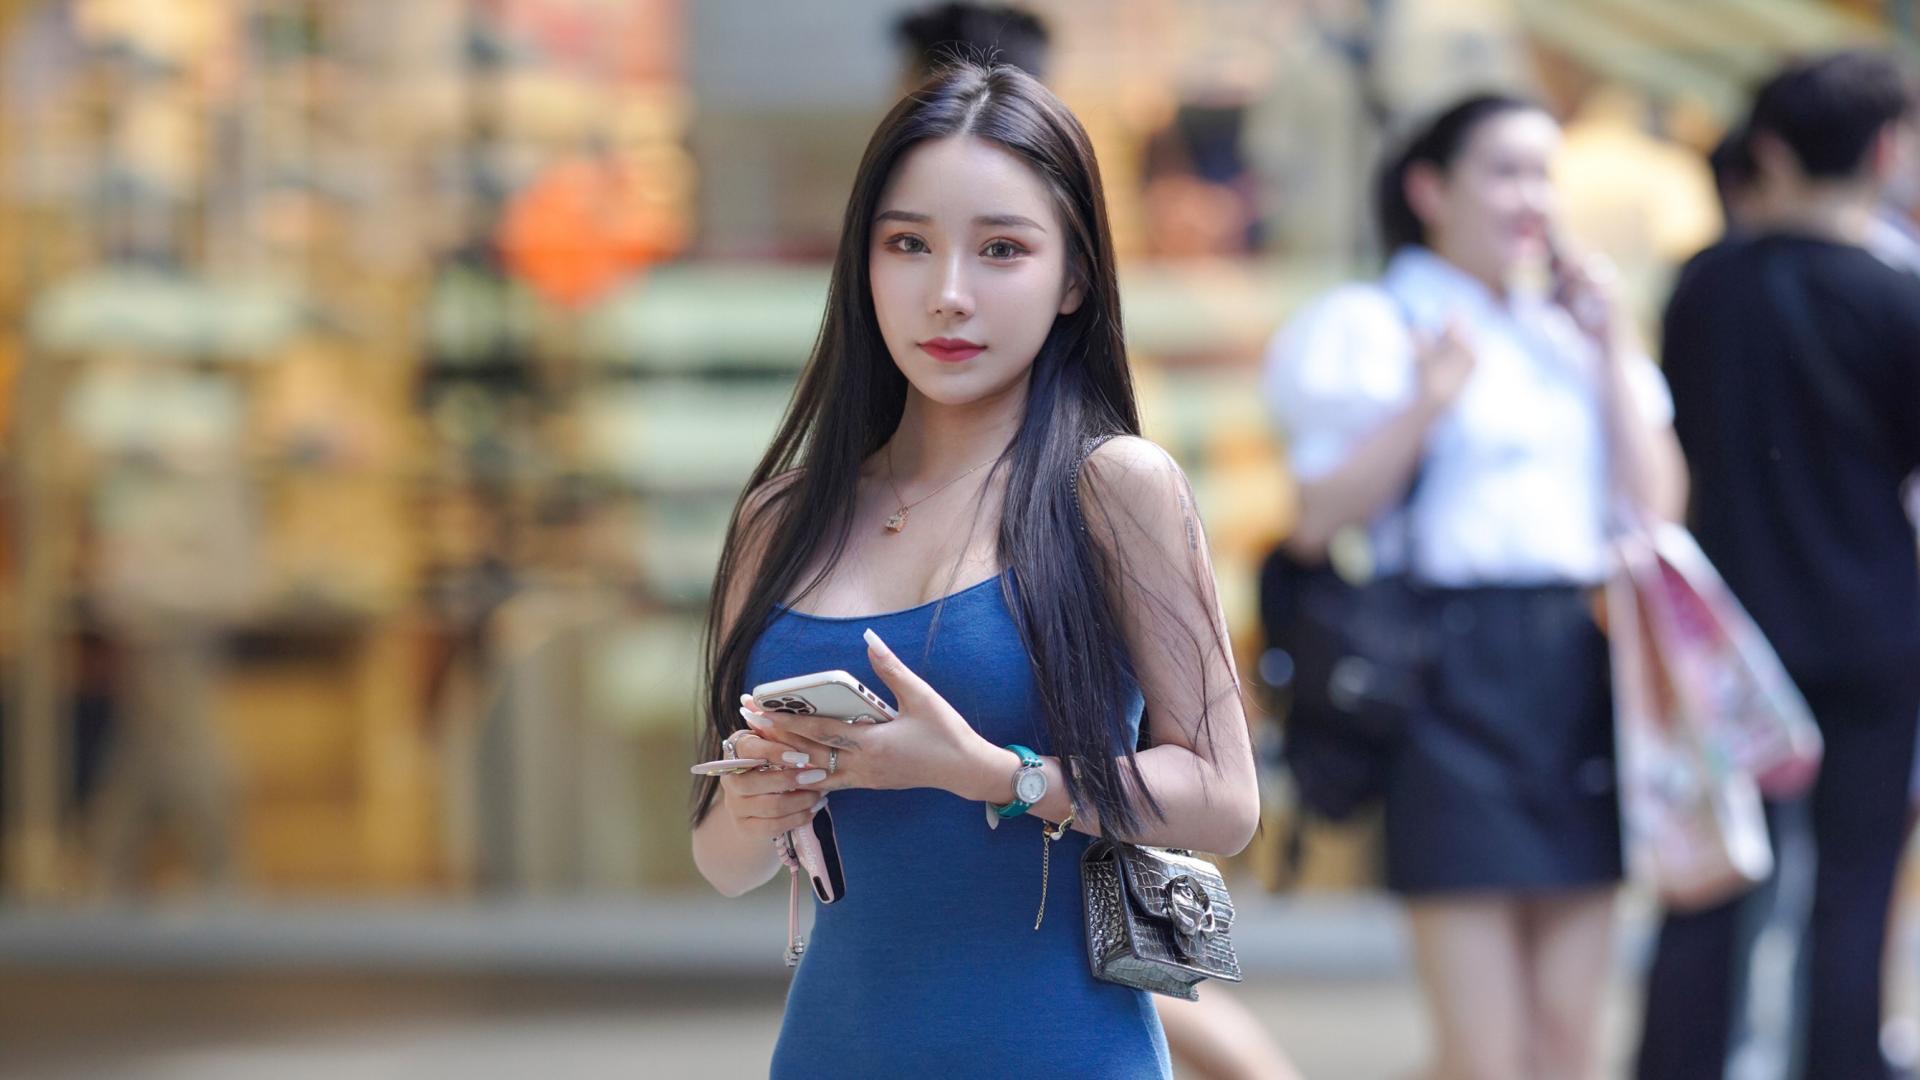 穿吊带开叉长裙的年轻姑娘,虽然少了几分韵味,但曼妙身材真迷人